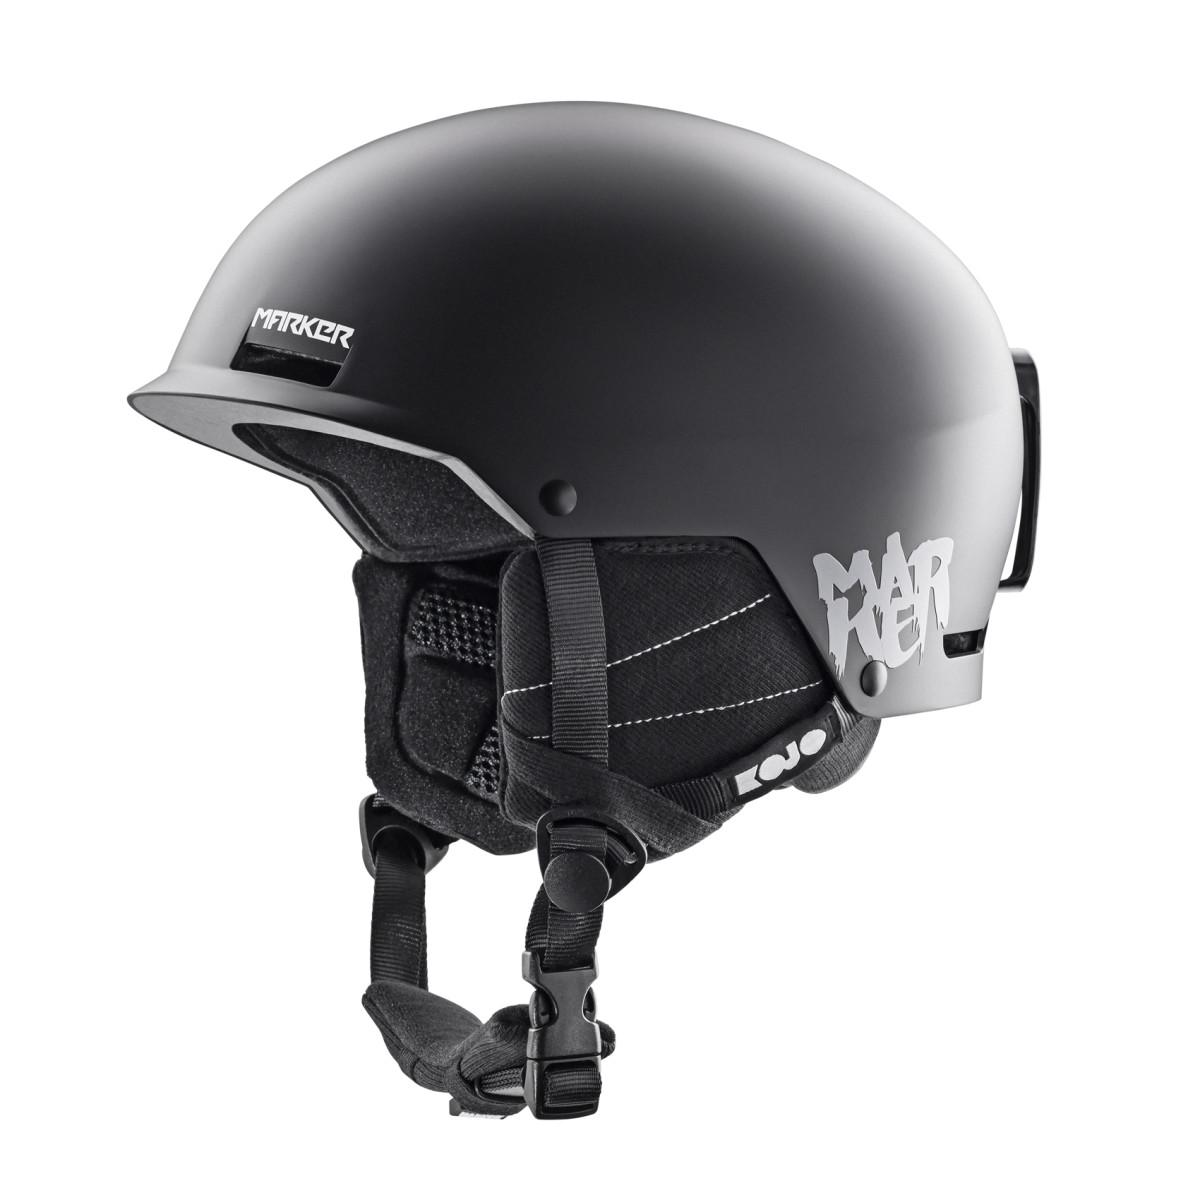 Marker Kojo - černá Velikost helmy: UNI 51-56 cm 2016/2017